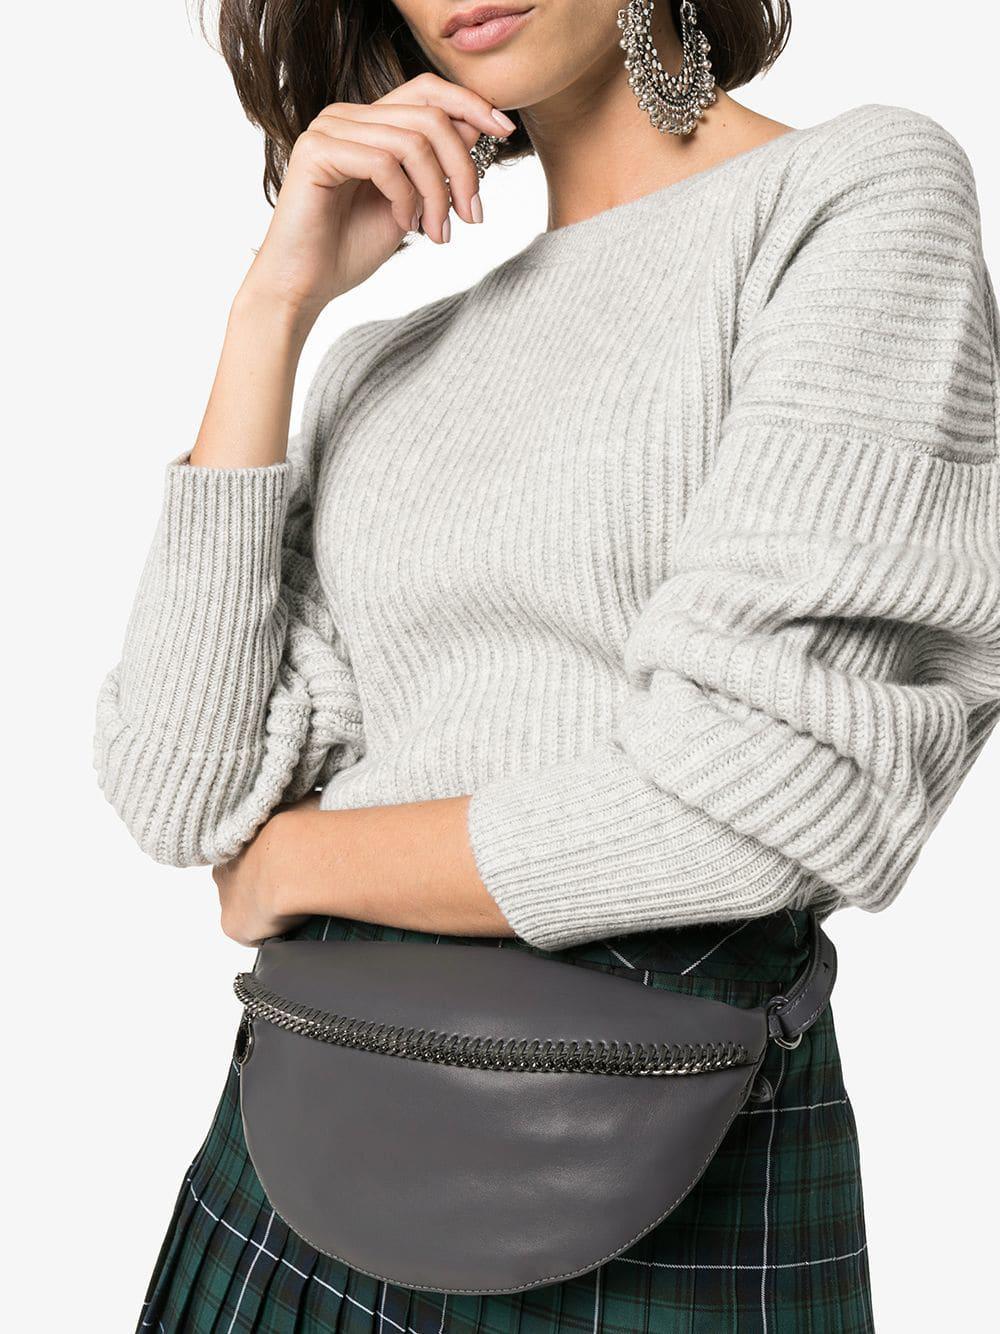 743cfe31a4 Lyst - Stella Mccartney Grey Falabella Belt Bag in Gray